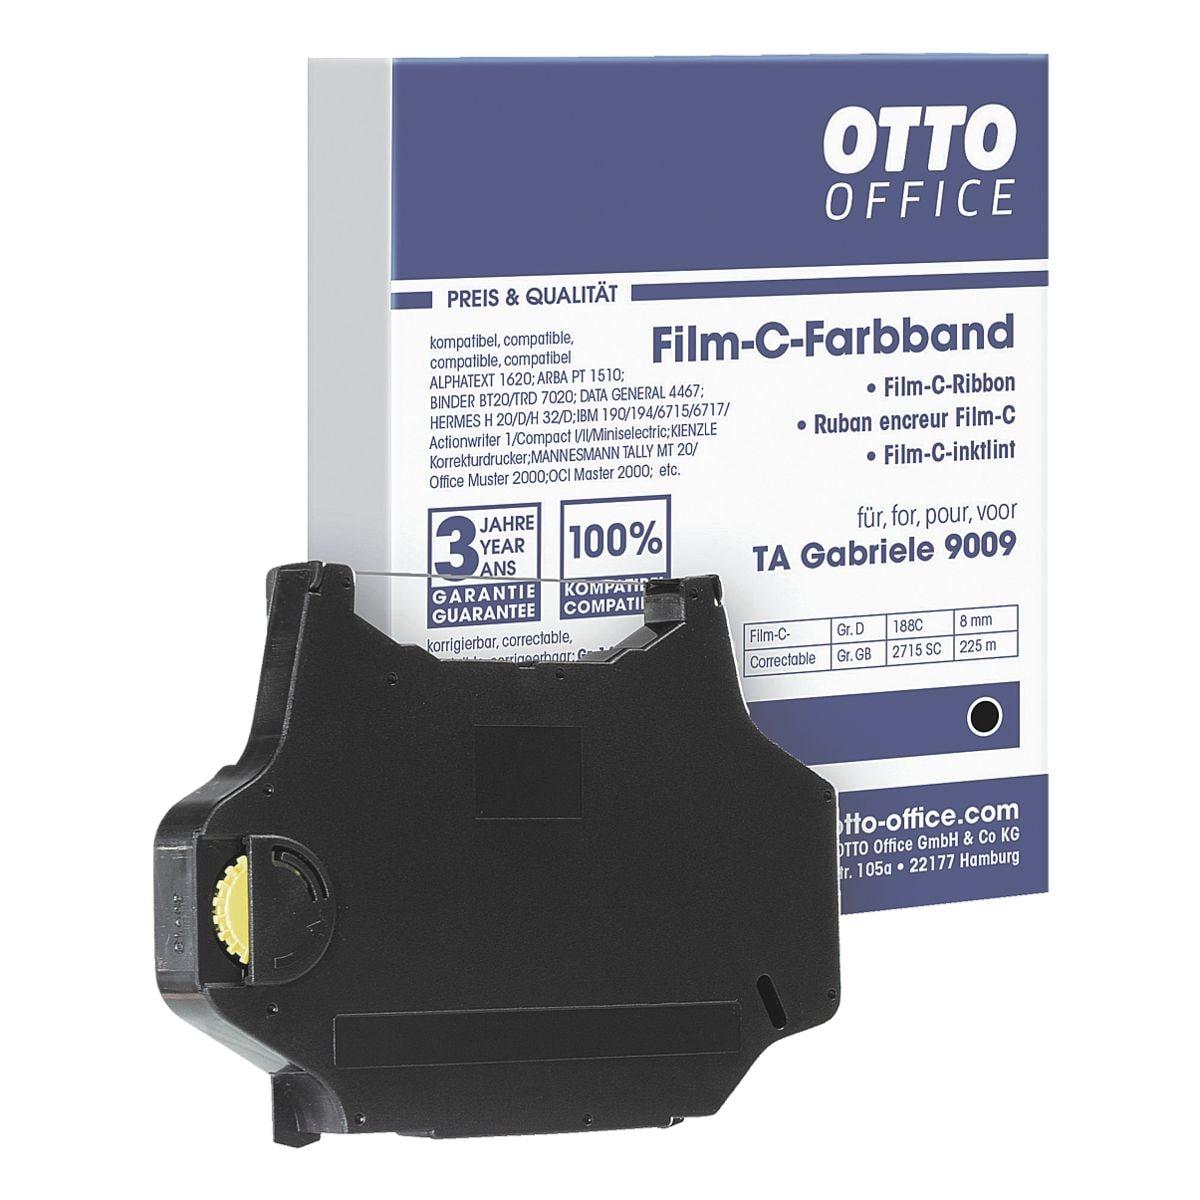 OTTO Office Schreibmaschinen-Farbband - Bei OTTO Office günstig kaufen.